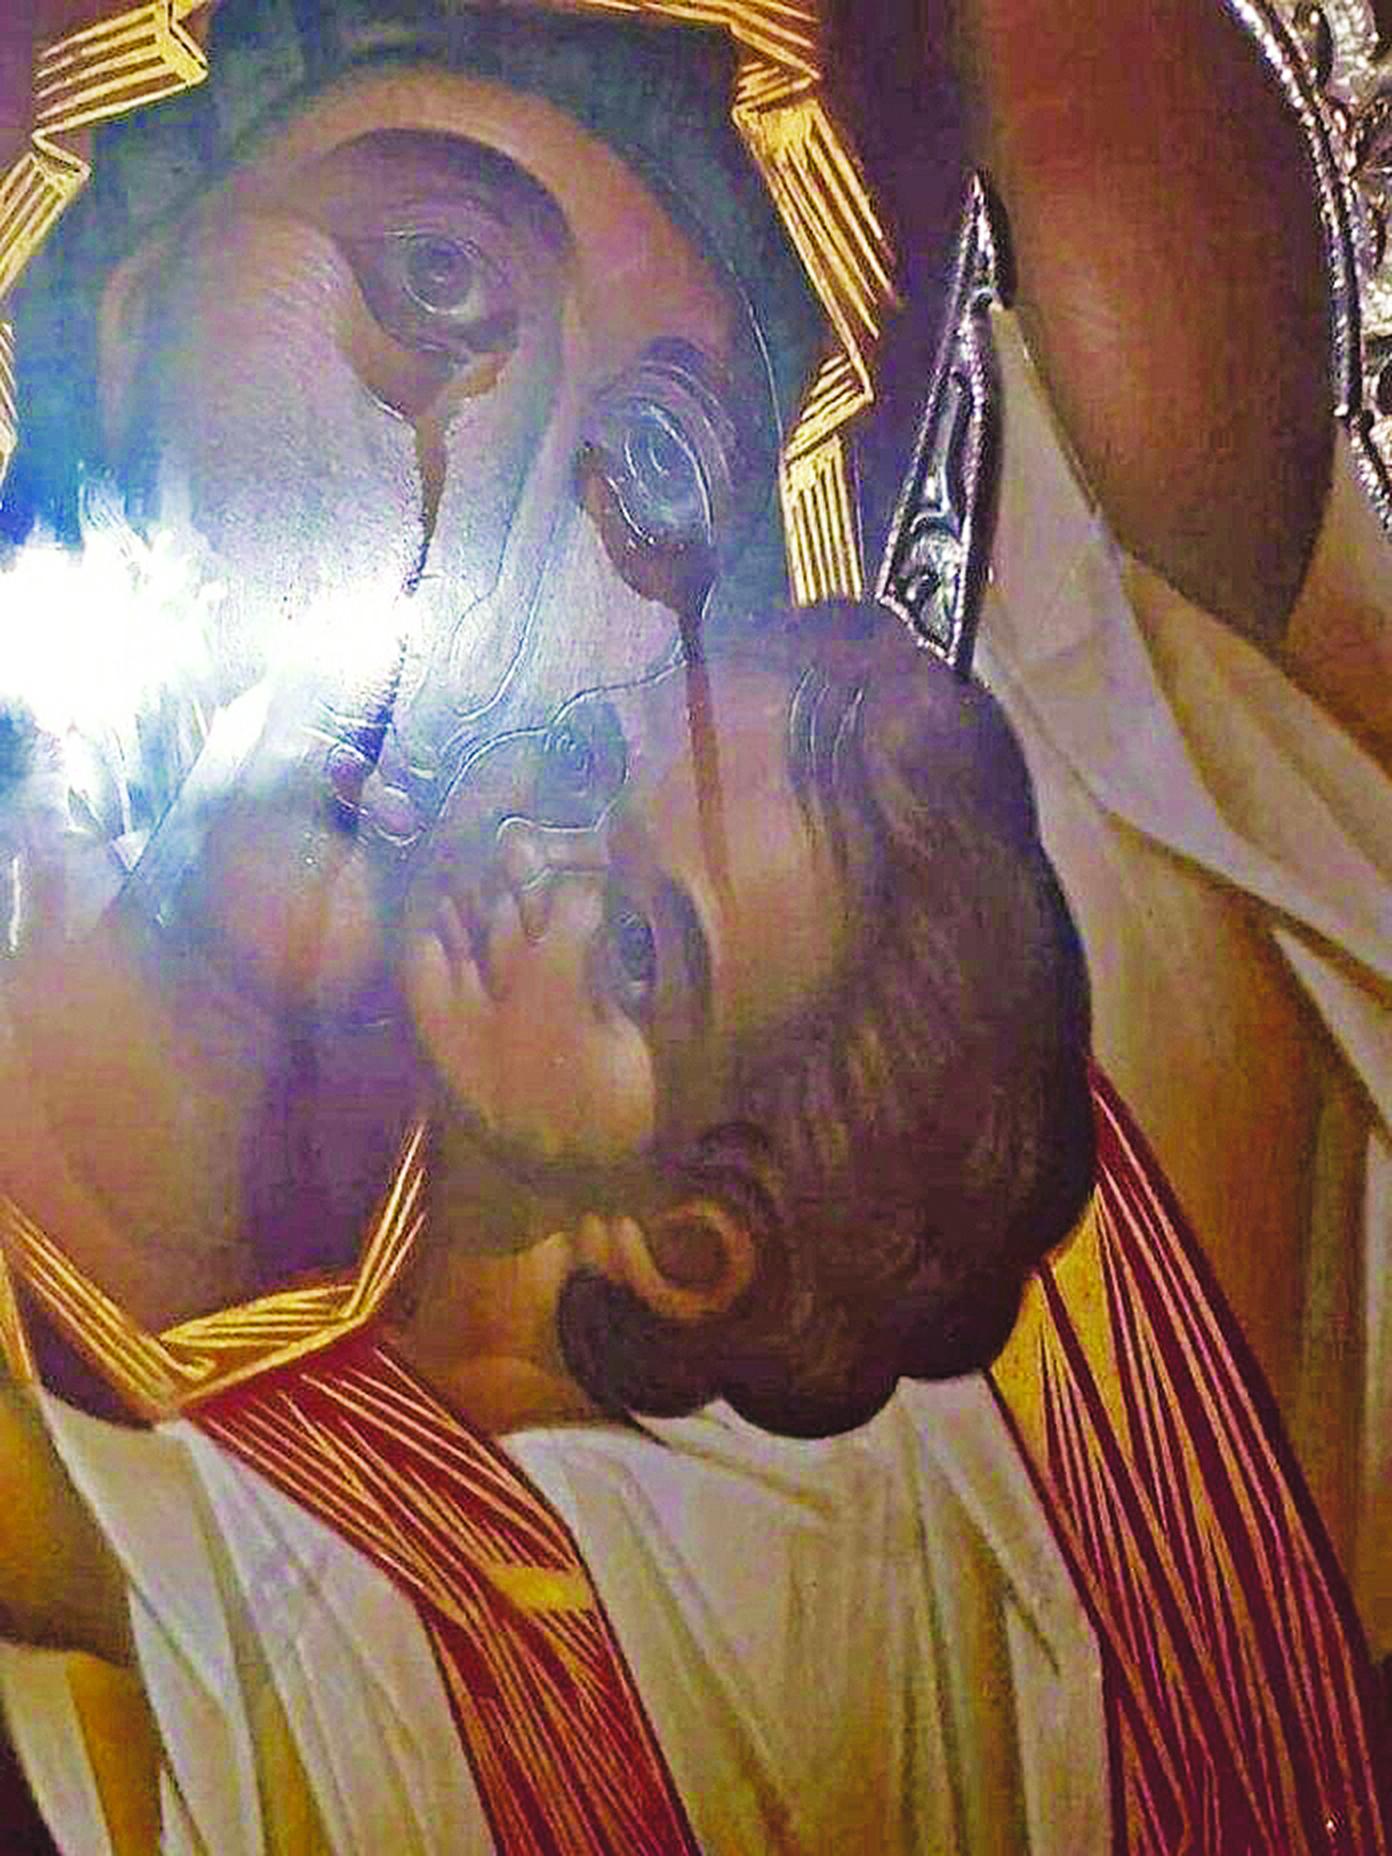 Δάκρυσε η Παναγία - Μέγα θαύμα την ώρα που οι εχθροί ζώνουν από παντού την  Ελλάδα | Espresso